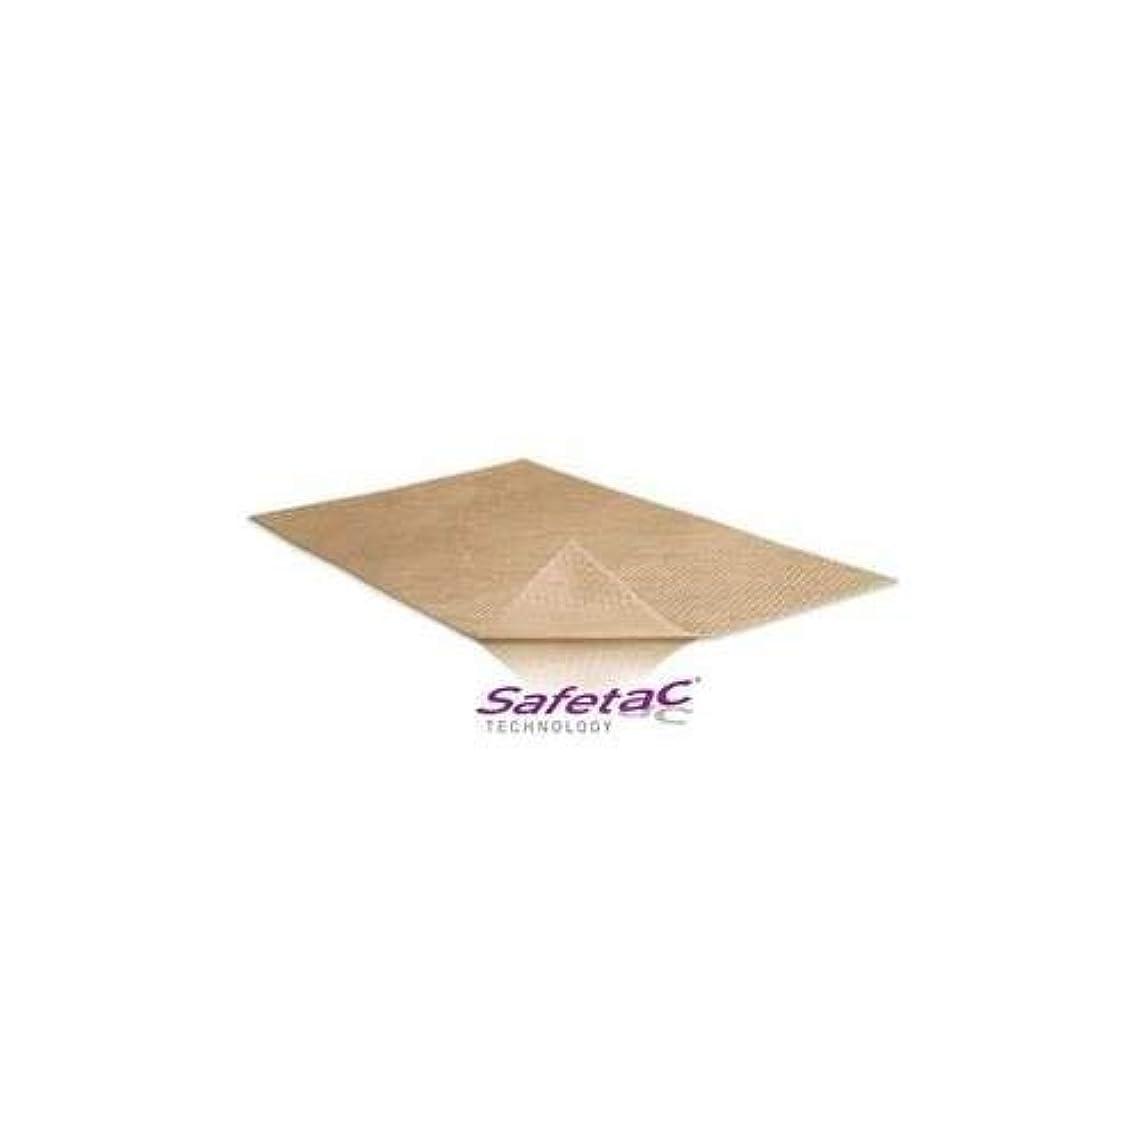 アカウントリビングルーム怪物Molnlyckemolnlycke Mepiform Self-Adherent Silicone Dressing 4 X 7, Single Sheet by Molnlycke